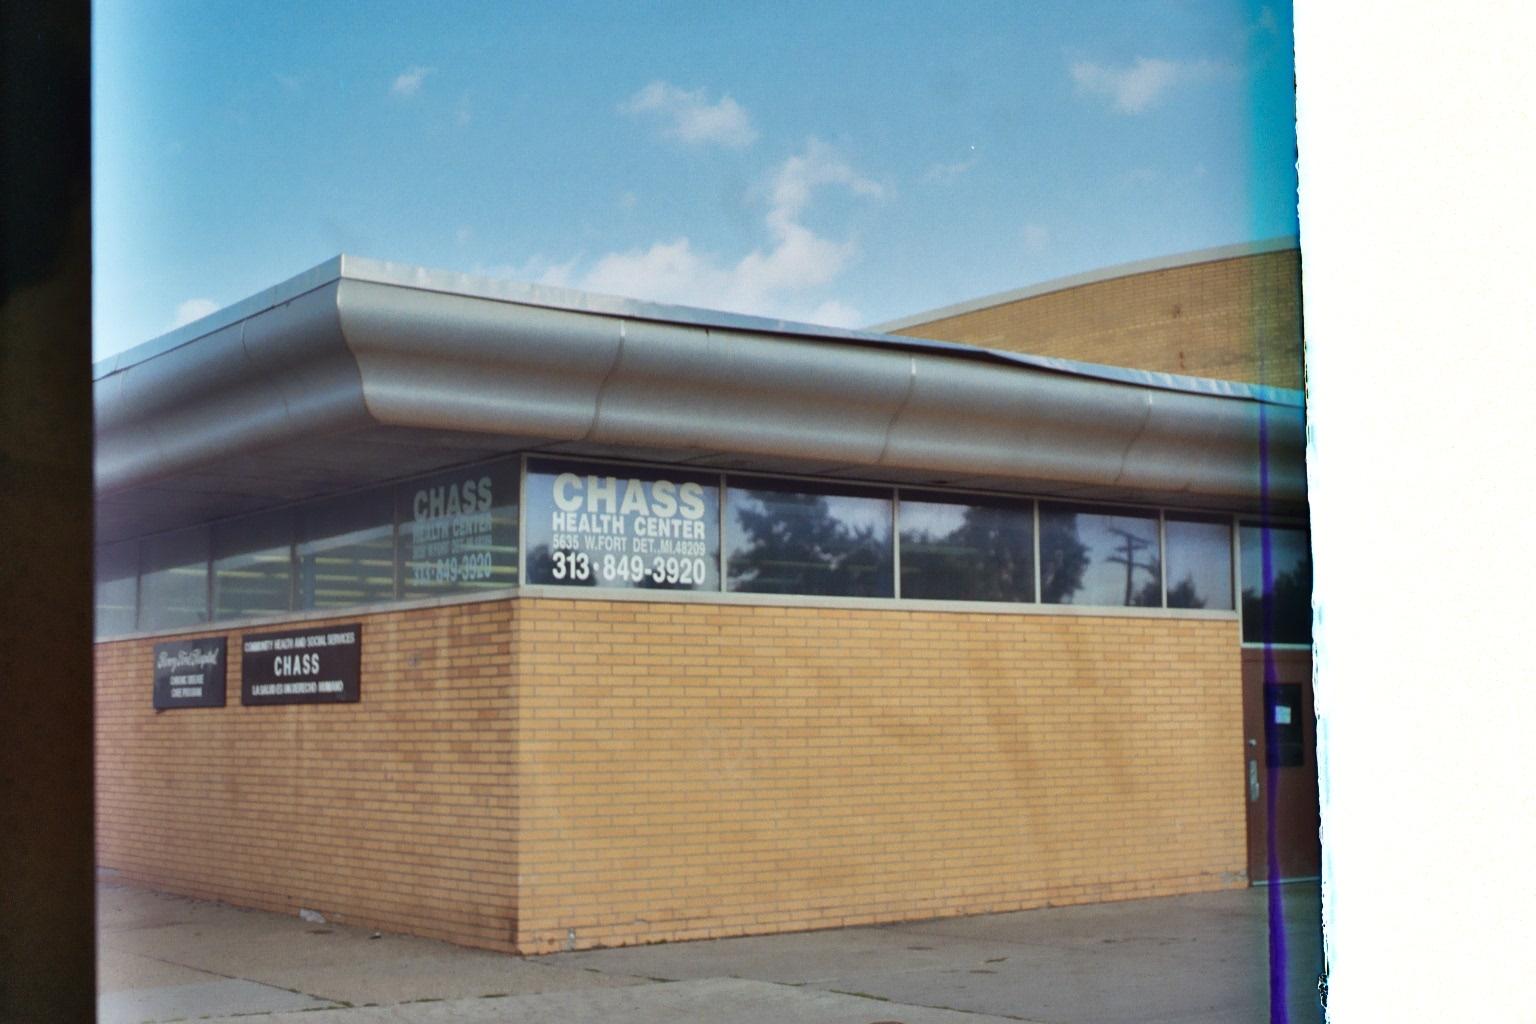 CHASS Center